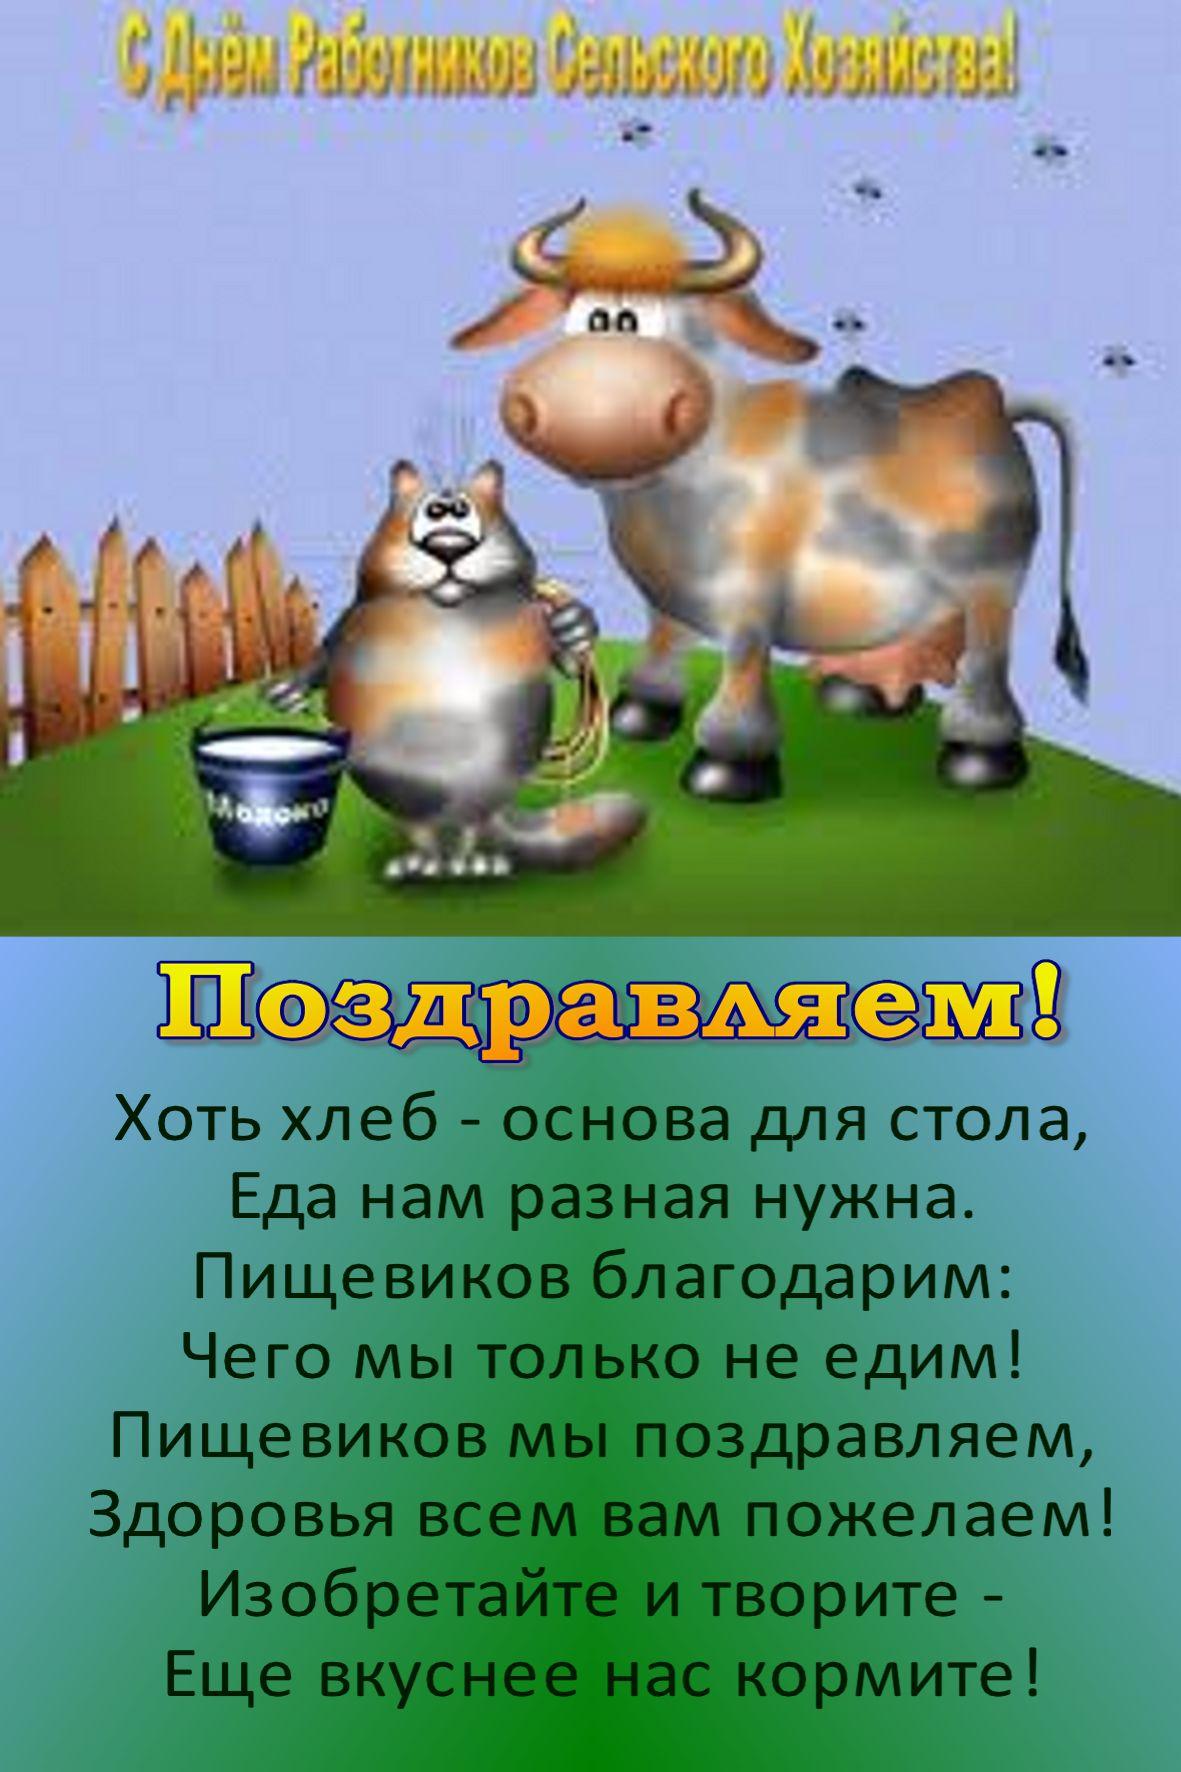 Поздравление коллегам к дню сельского хозяйства